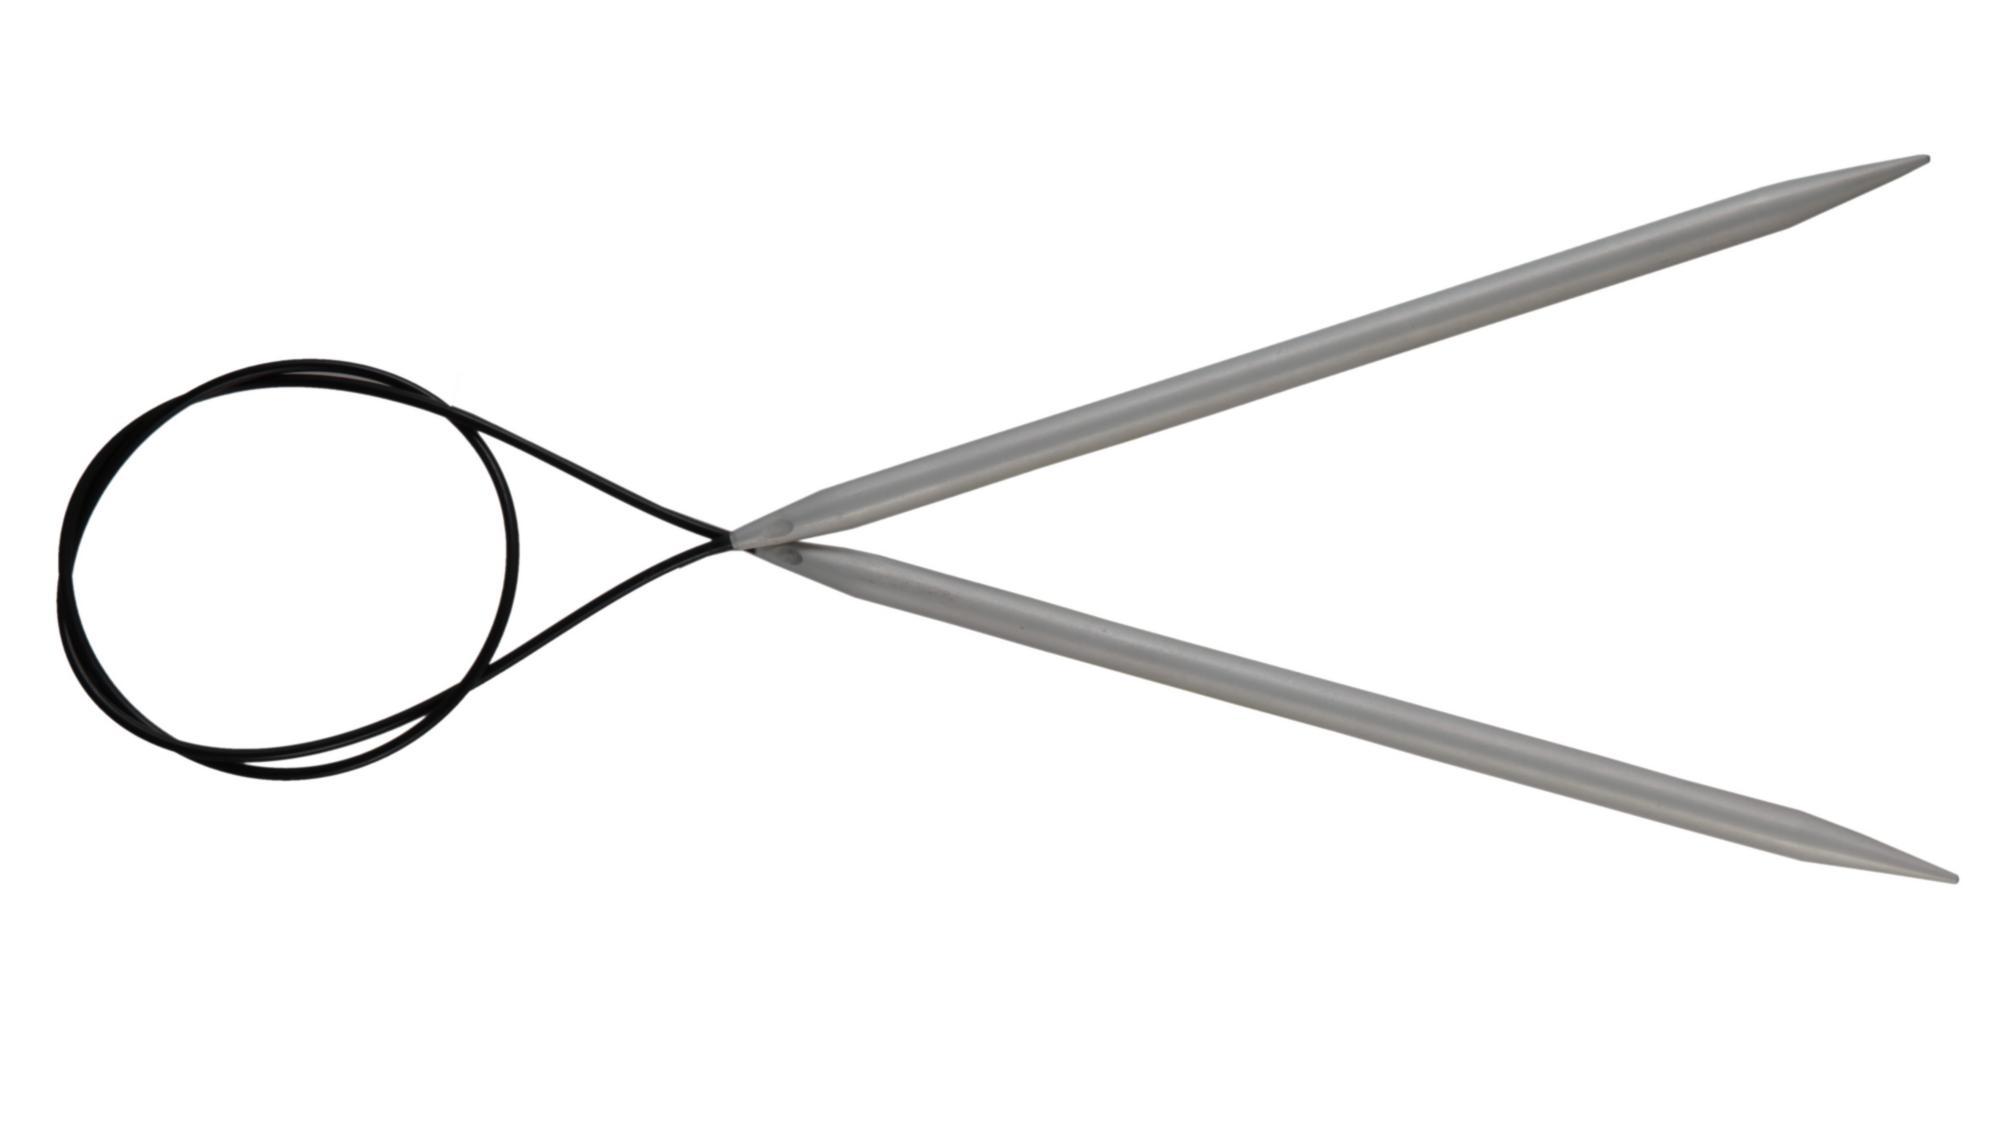 Спицы круговые 120 см Basix Aluminium KnitPro, 45353, 3.00 мм